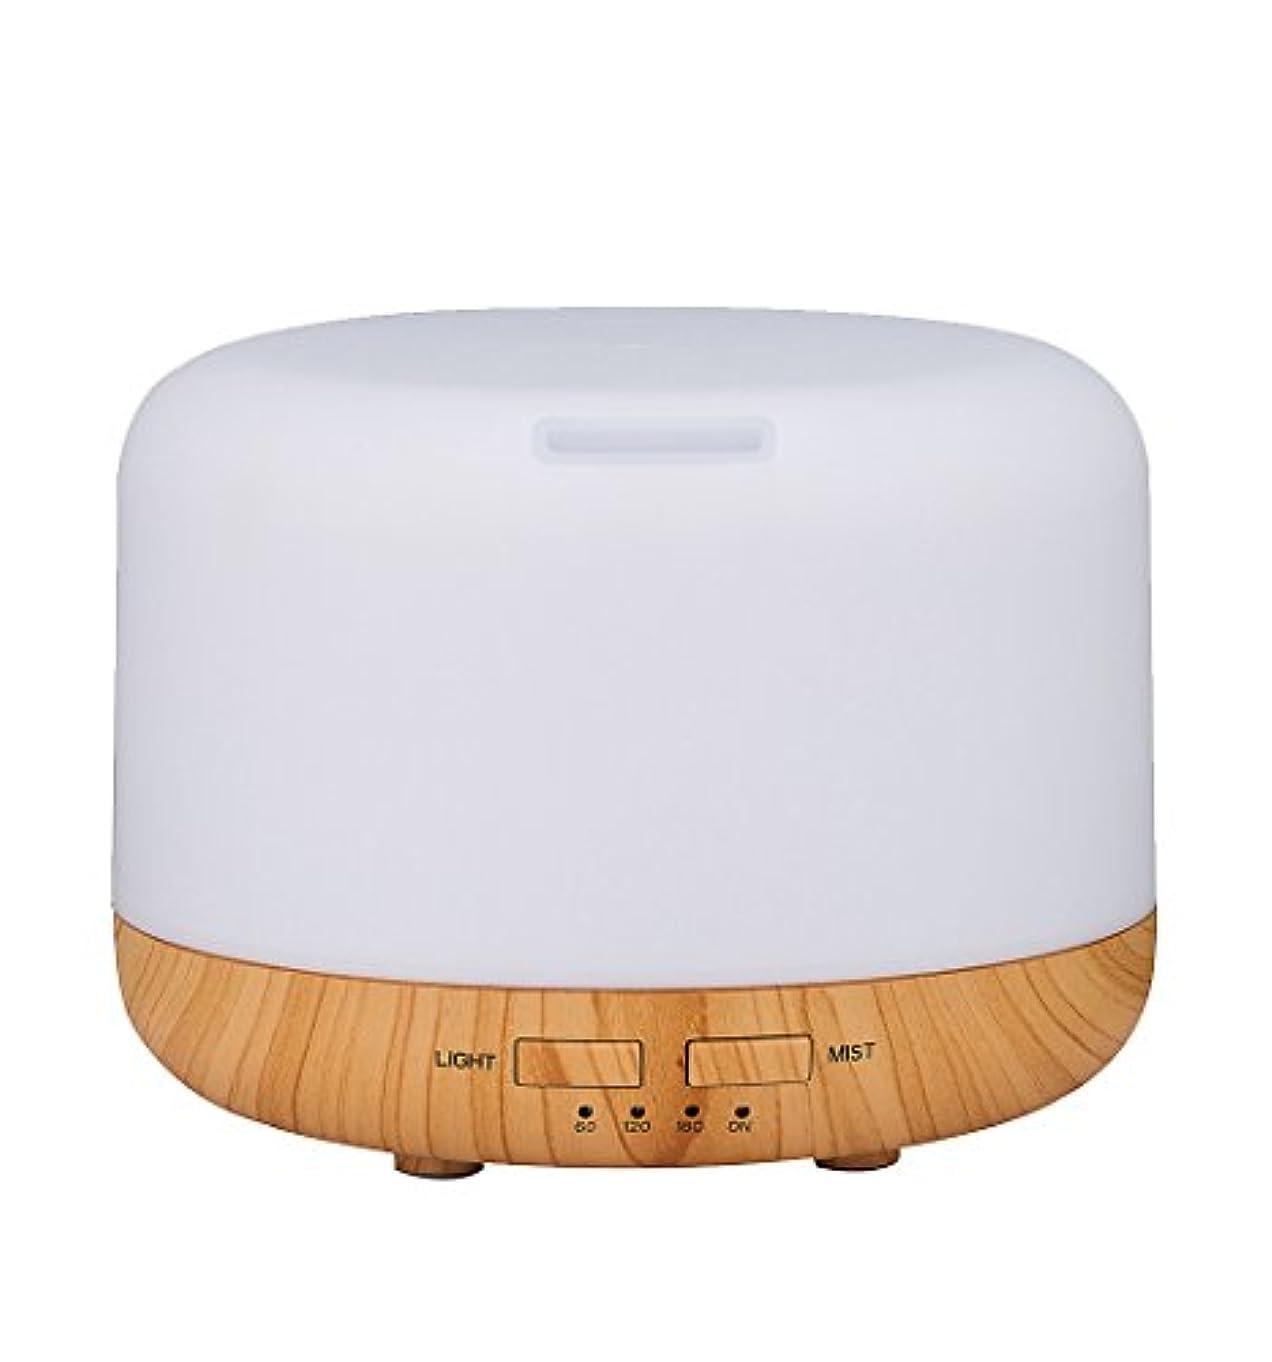 マニュアルポーター医師Simple Life アロマディフューザー 超音波式 加湿器 400ml 7色変換LED搭載 木目調 アロマライト (ホワイト)